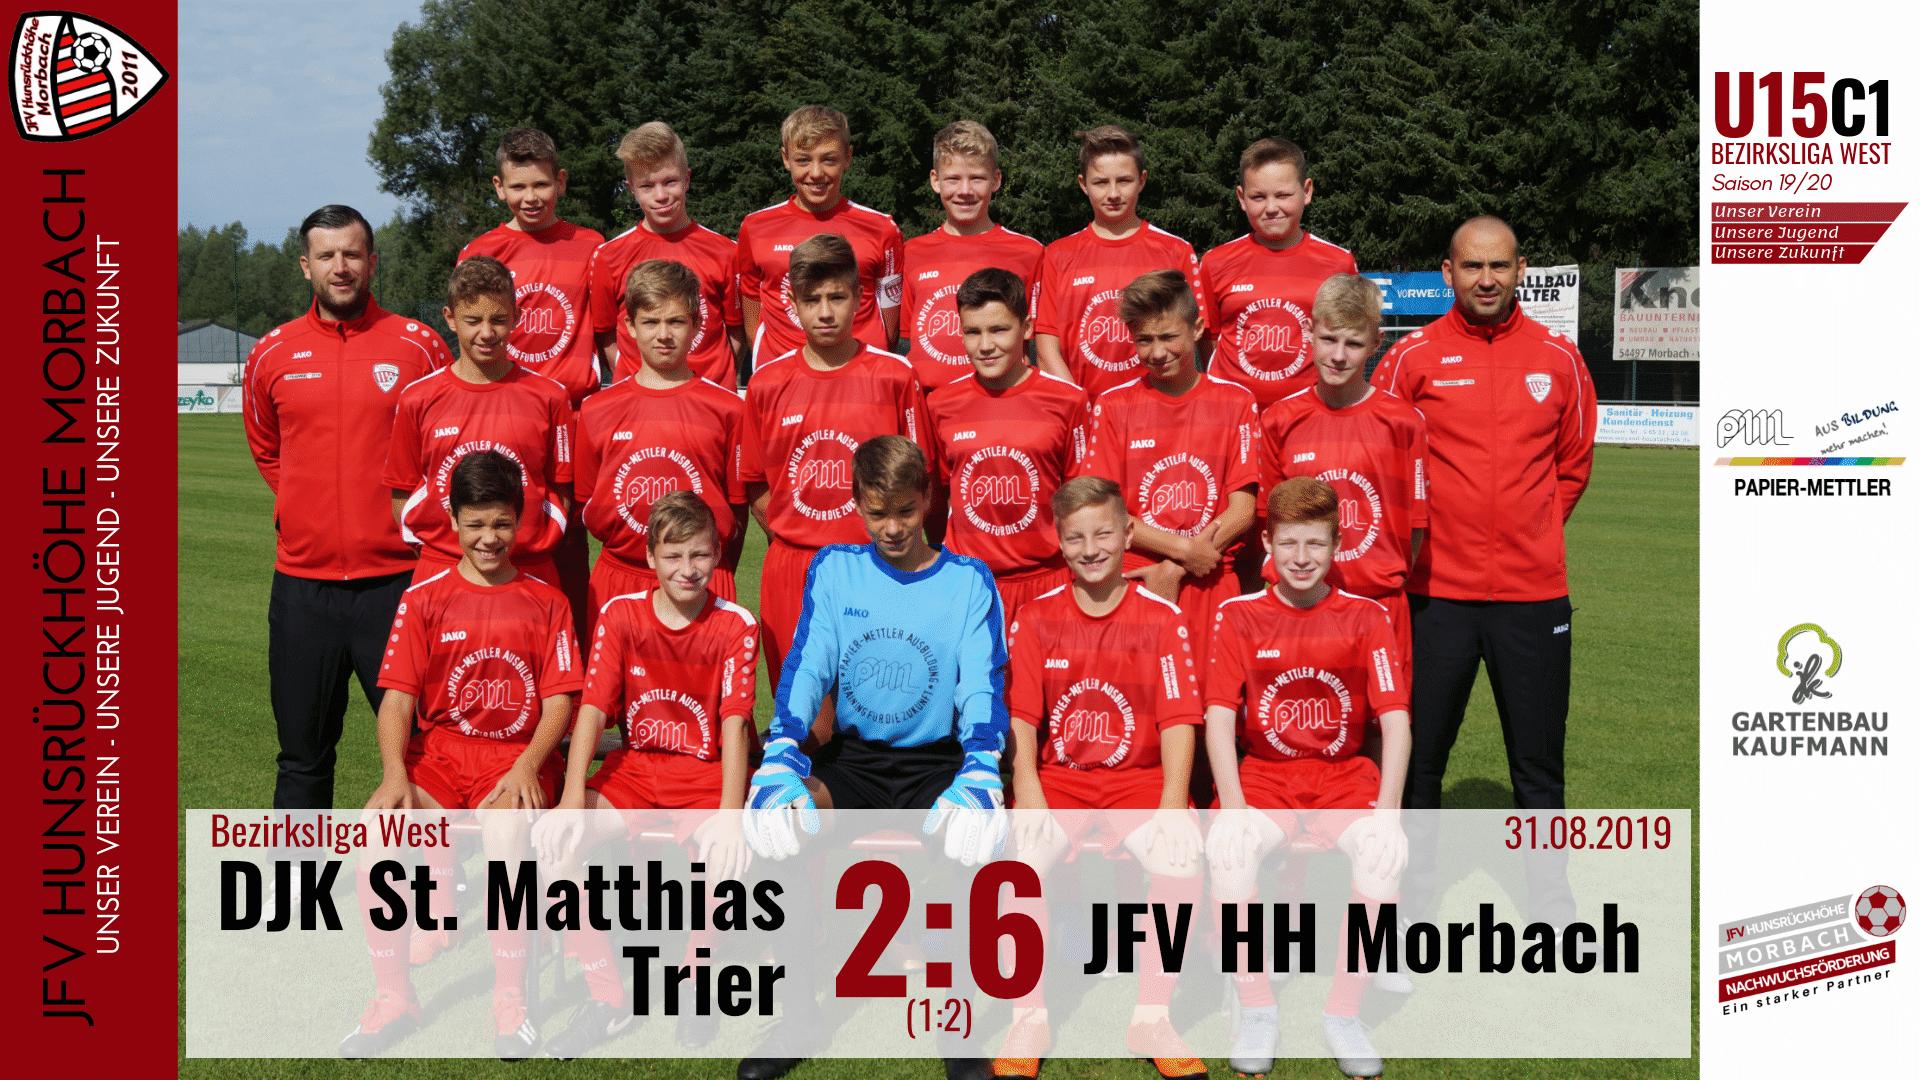 U15 C1: DJK St. Matthias Trier – JFV Hunsrückhöhe Morbach 2:6 (1:2)